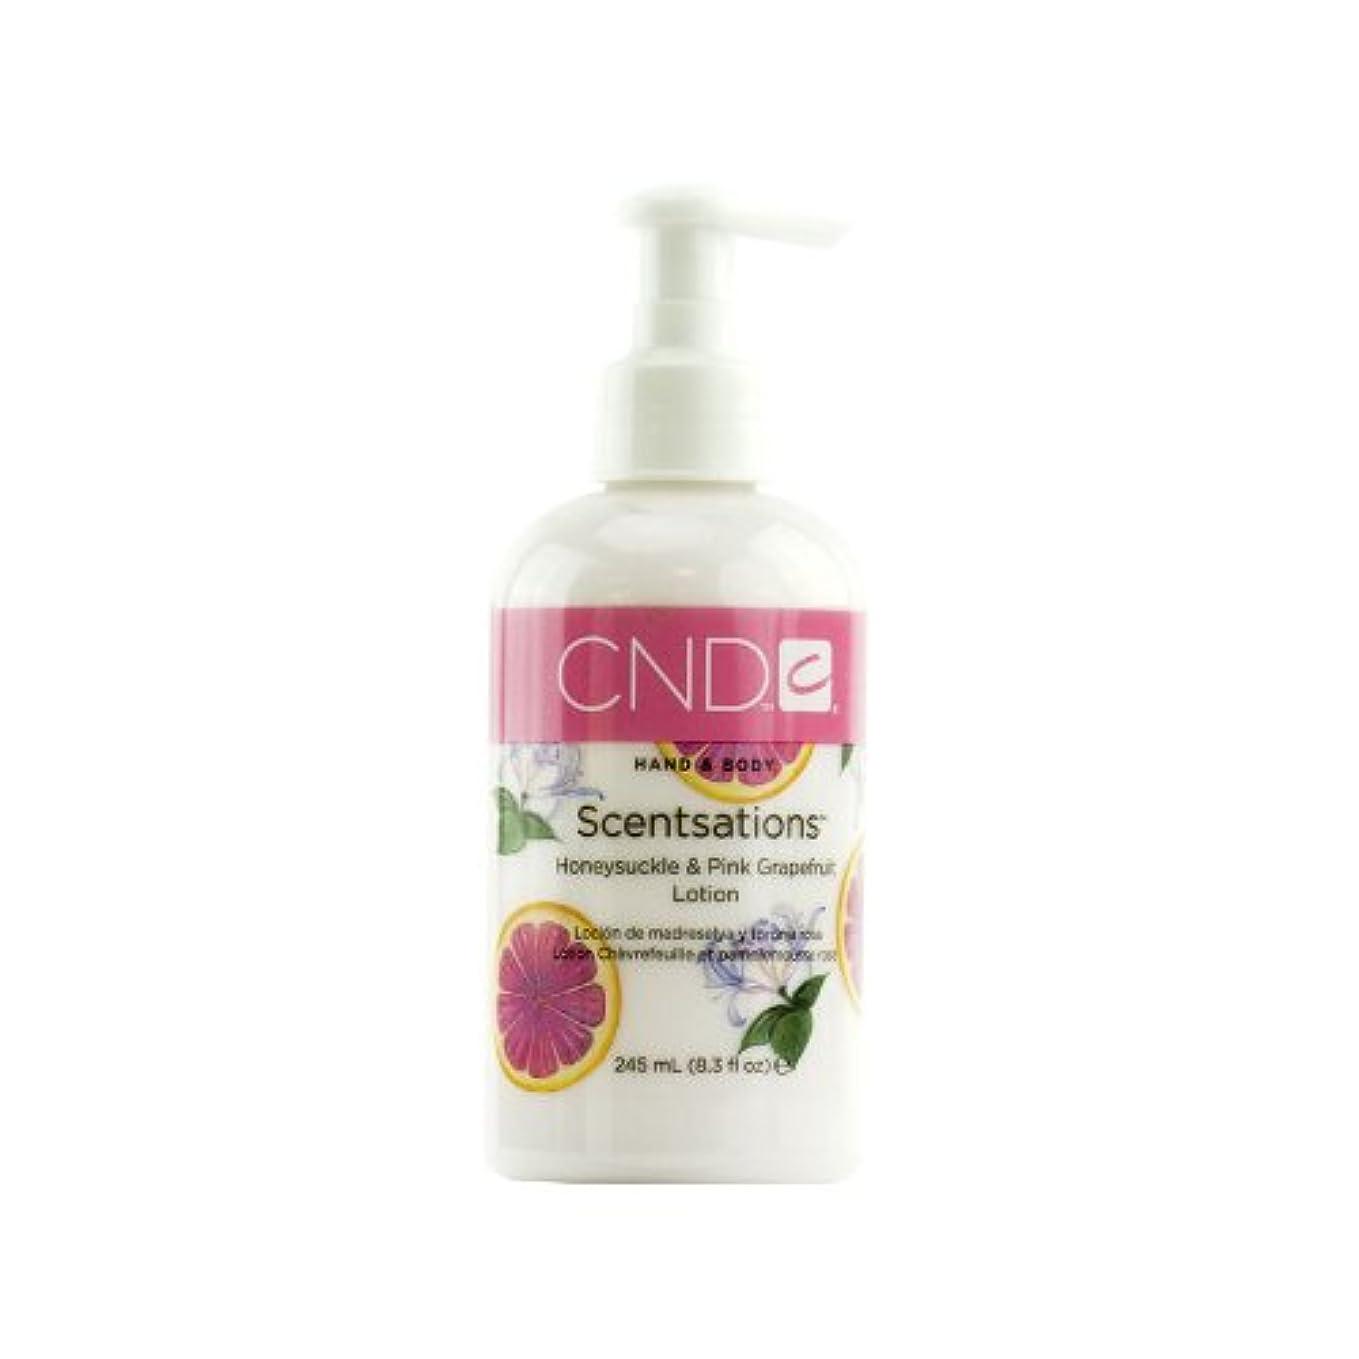 植物学者私たちガソリンCND センセーション ハンド&ボディローション ハニーサックル&ピンクグレープフルーツ 245ml みずみずしいフェミニンな香り